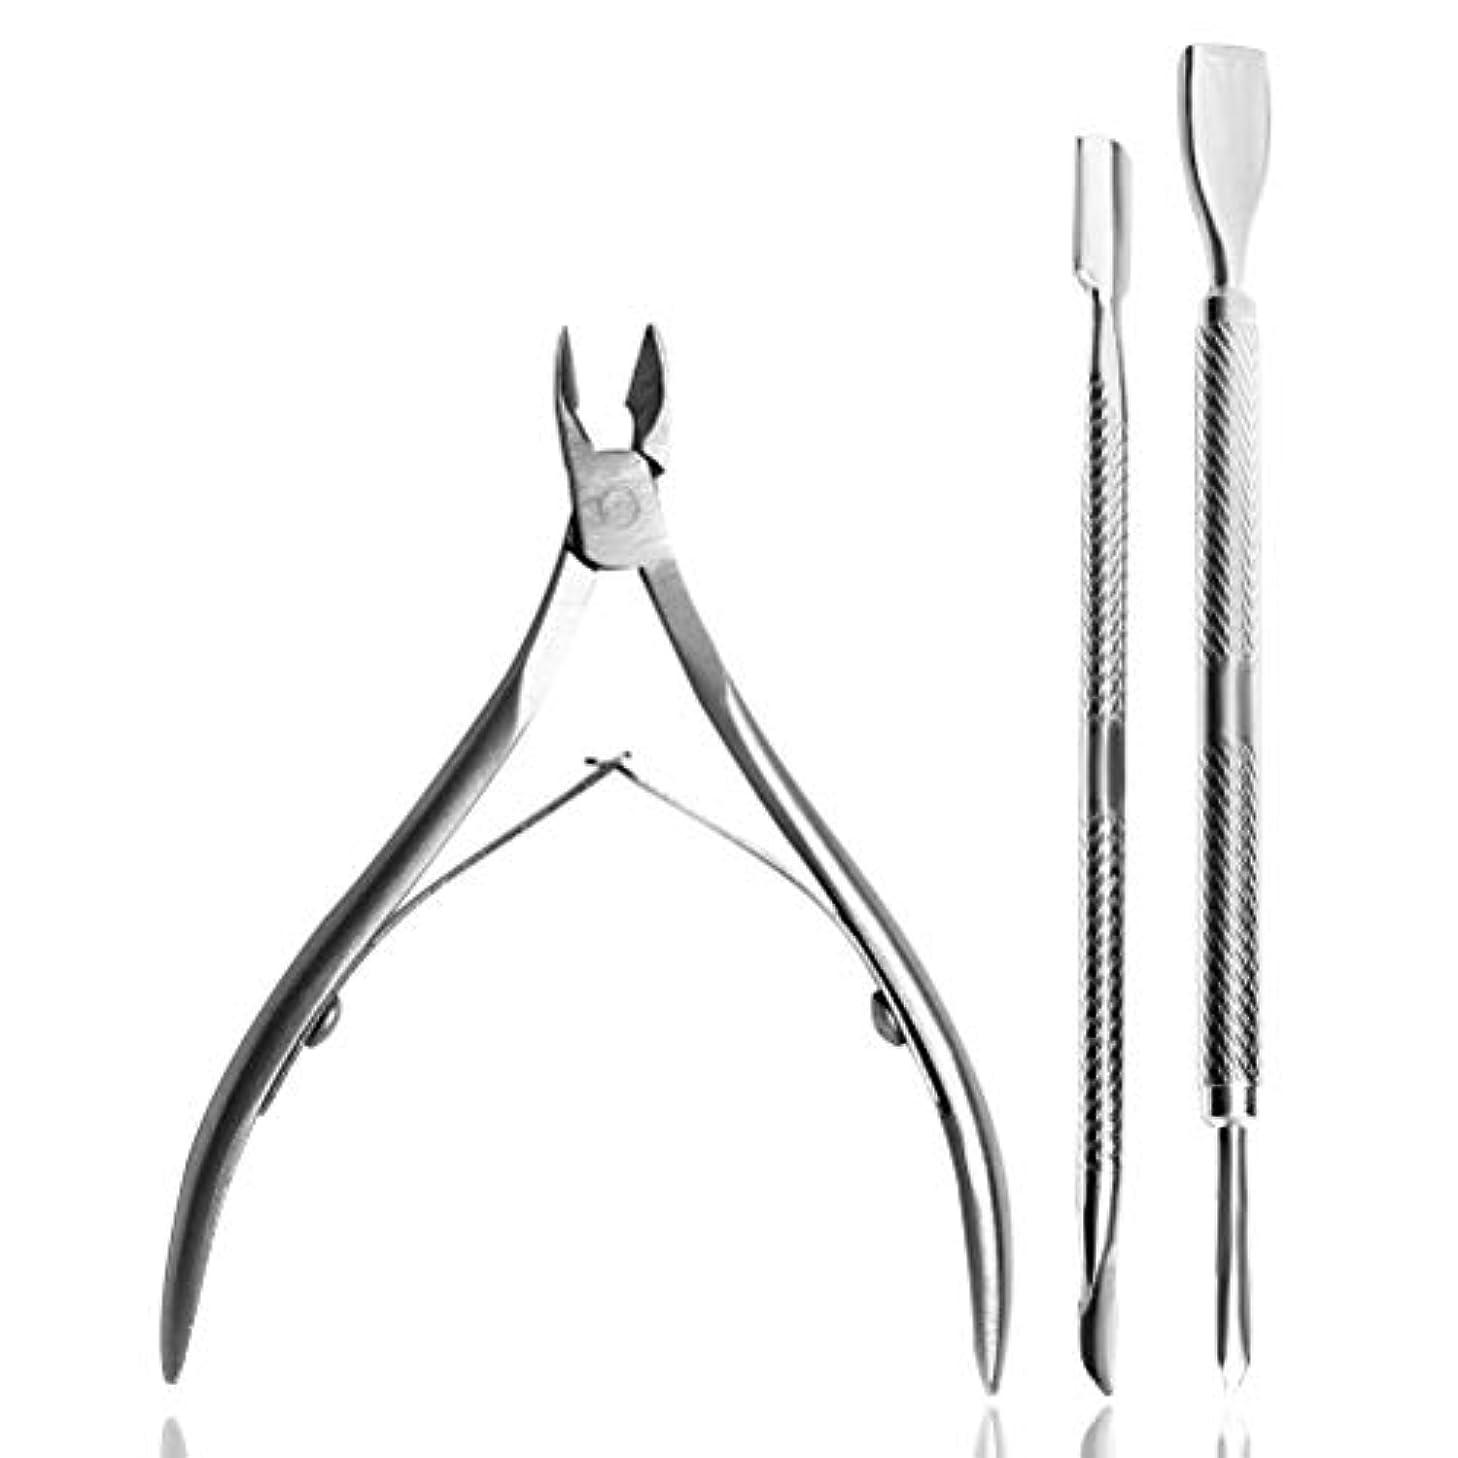 さようなら複製書くキューティクルリムーバー 医療用グレード ステンレス キューティクルニッパー 甘皮リムーバー マニキュア ペディキュア & 美容 ツール 爪 足爪 用